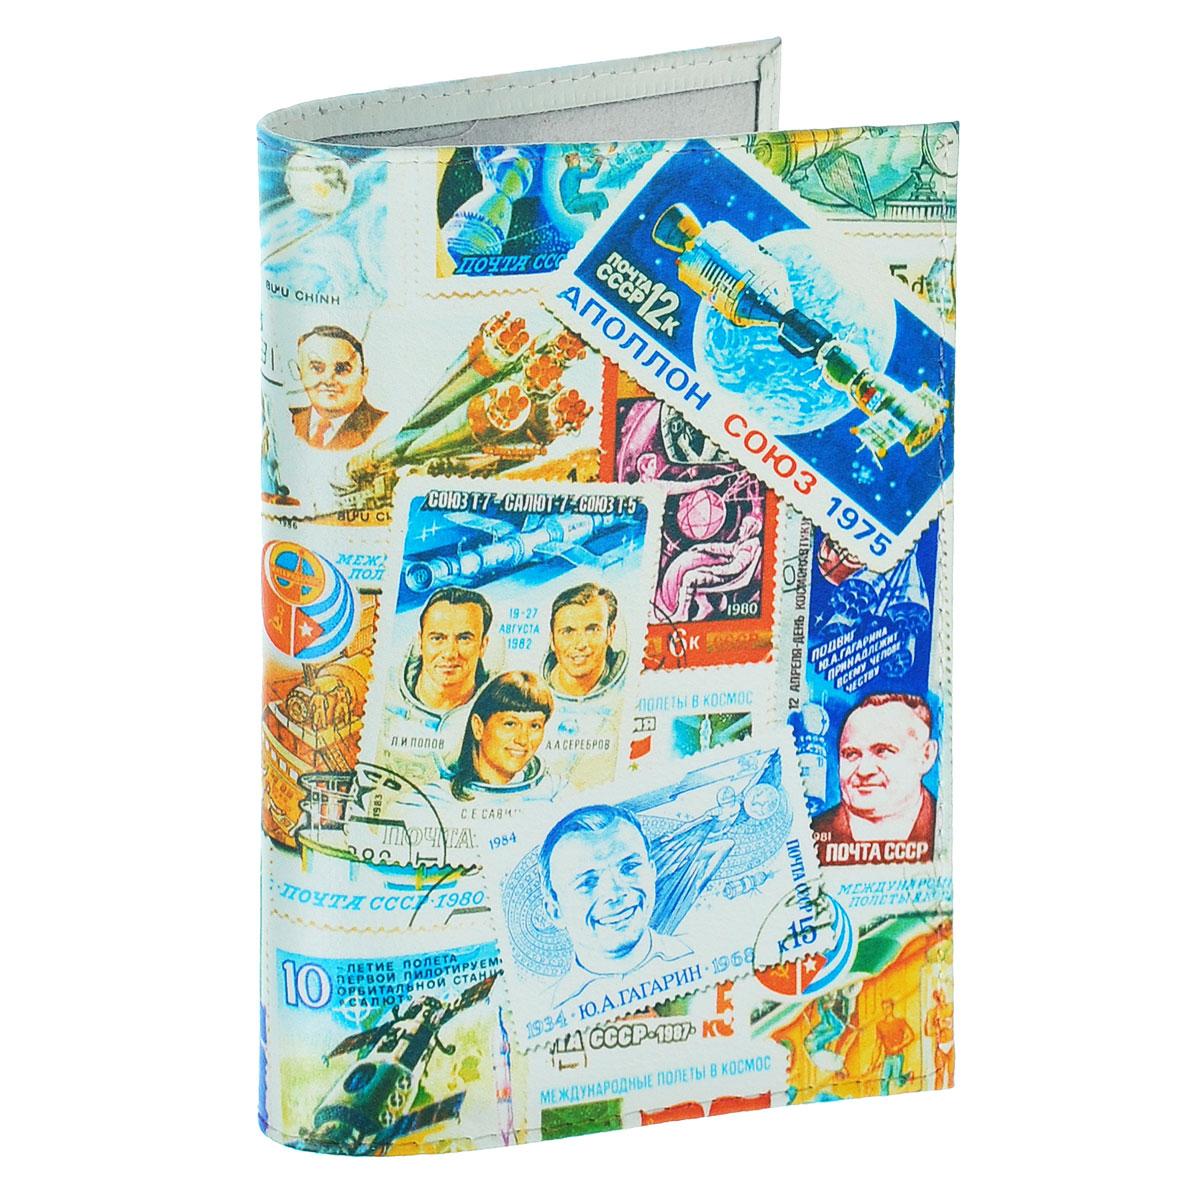 Обложка для паспорта Космос (марки). OK271OK271Обложка для паспорта Mitya Veselkov Космос. Марки выполнена из натуральной кожи и оформлена изображениями почтовых марок с космической тематикой. Такая обложка не только поможет сохранить внешний вид ваших документов и защитит их от повреждений, но и станет стильным аксессуаром, идеально подходящим вашему образу.Яркая и оригинальная обложка подчеркнет вашу индивидуальность и изысканный вкус. Обложка для паспорта стильного дизайна может быть достойным и оригинальным подарком.